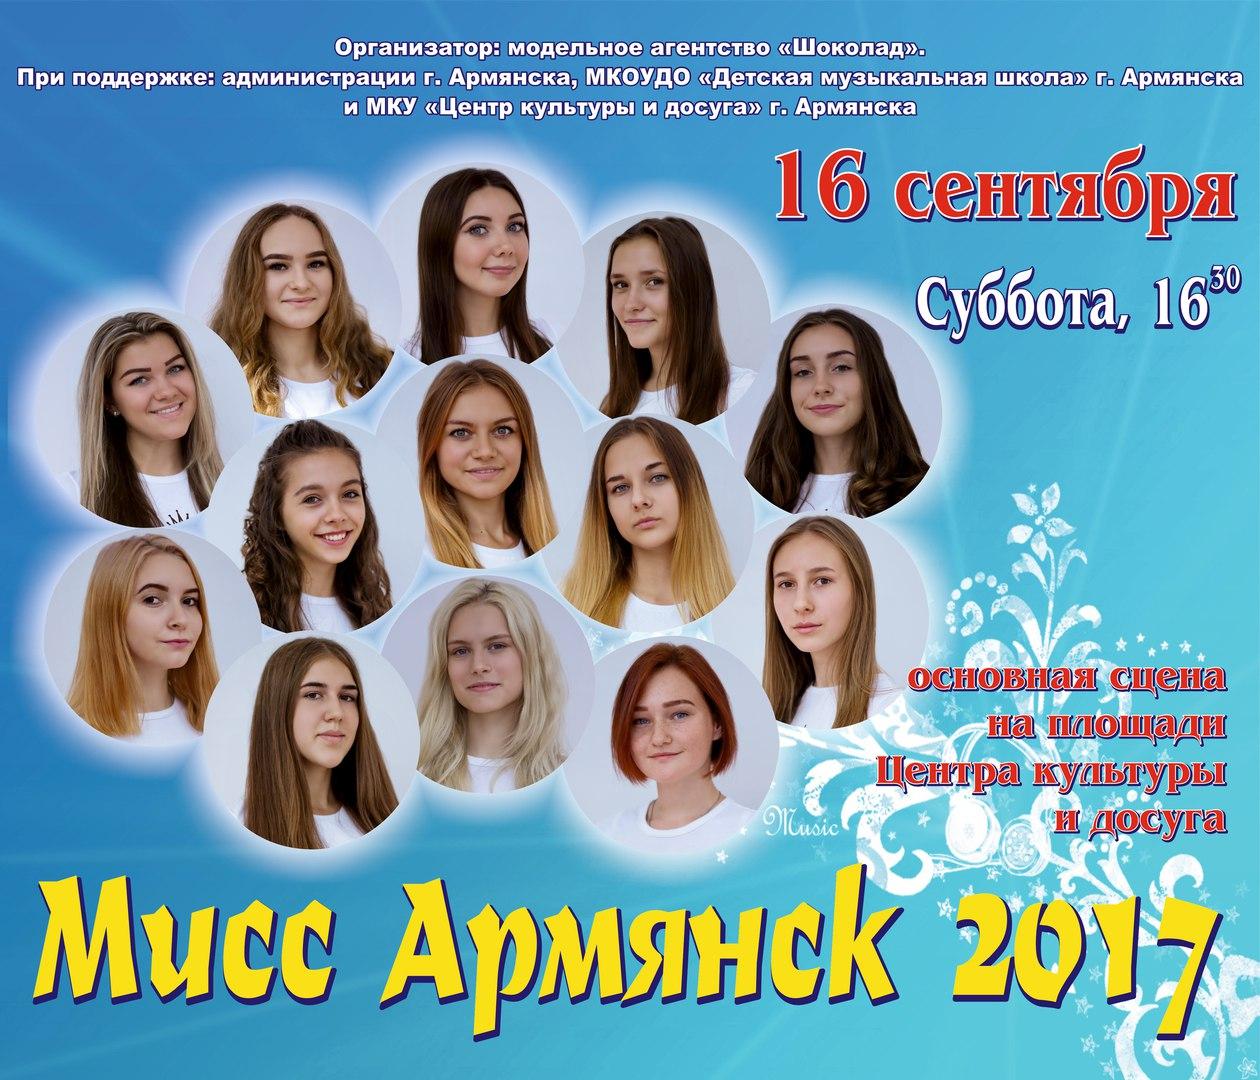 Мисс Армянск 2017 пройдёт 16 сентября